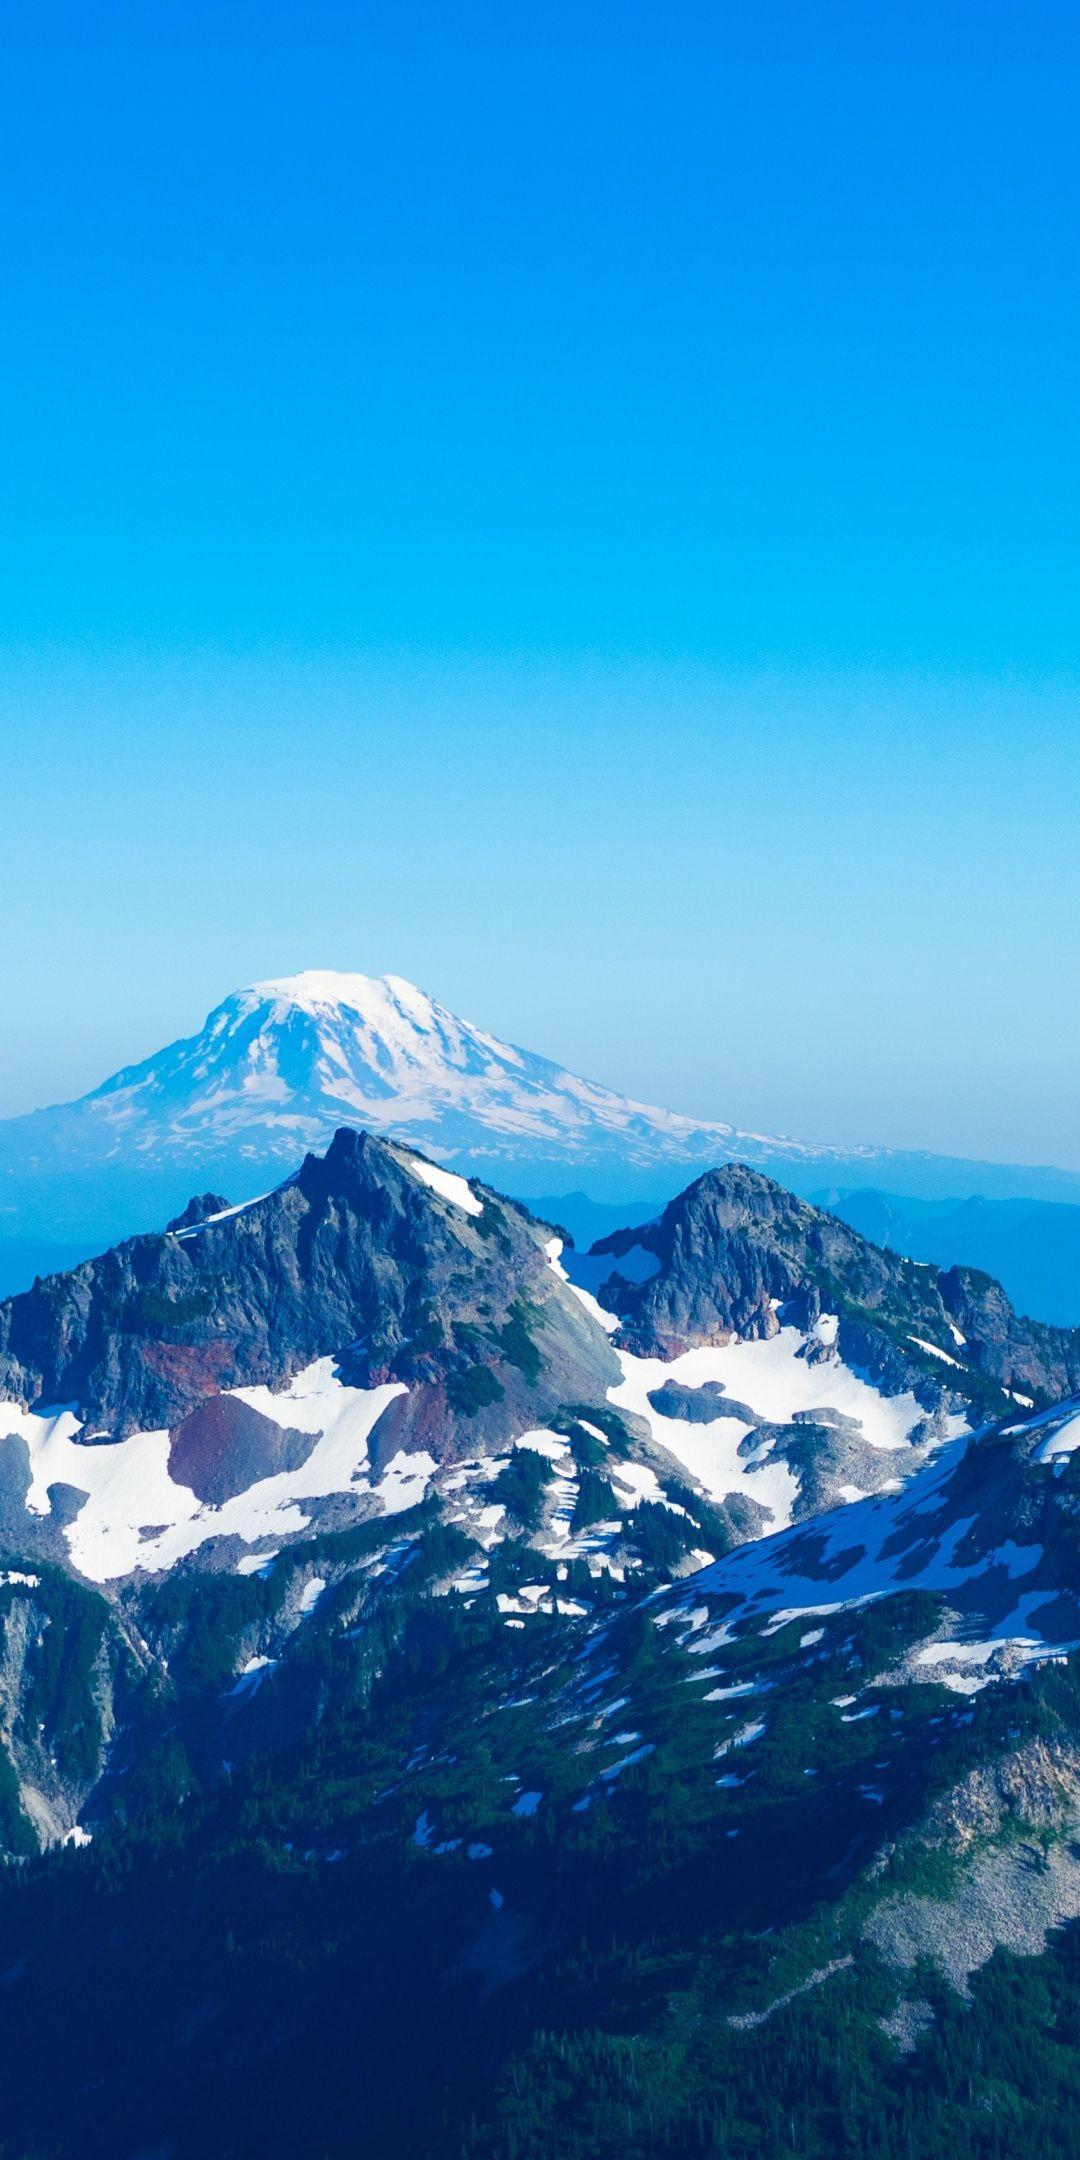 Mountains Blue Sky Landscape 1080x2160 Wallpaper Blue Sky Wallpaper Wallpaper Earth Landscape Wallpaper